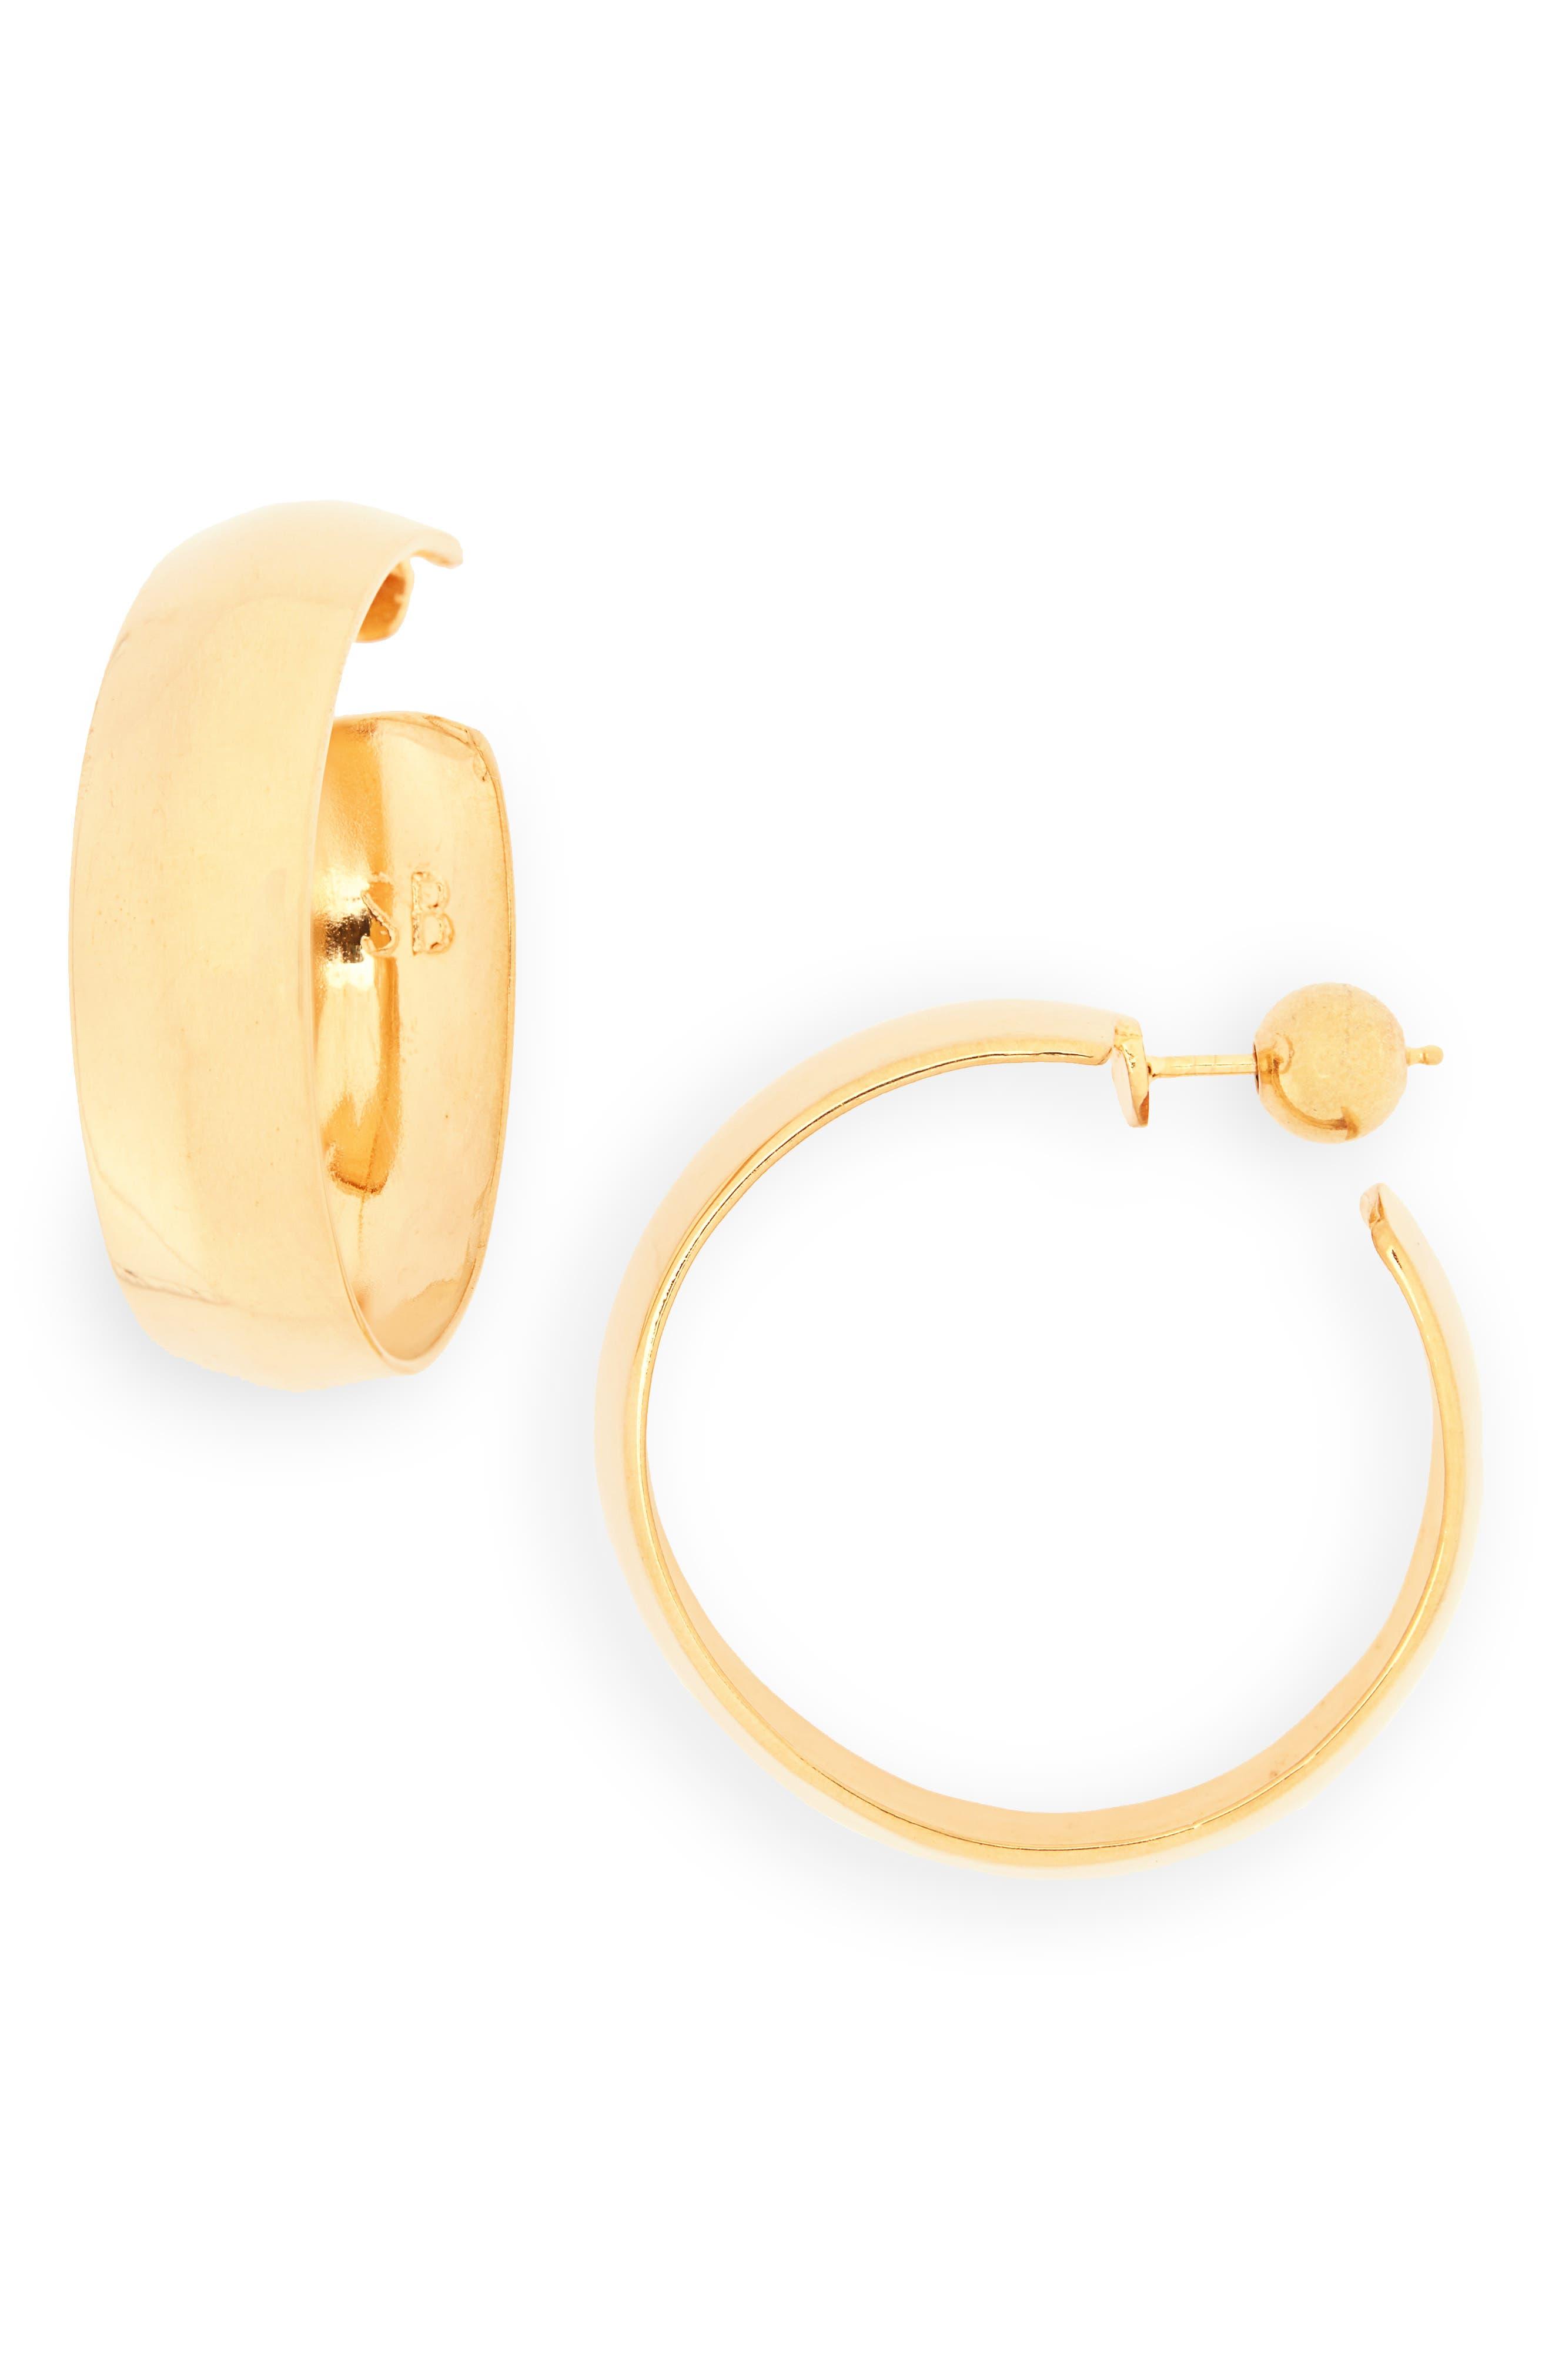 Large Zora Vermeil Hoop Earrings,                             Main thumbnail 1, color,                             18K GOLD VERMEIL